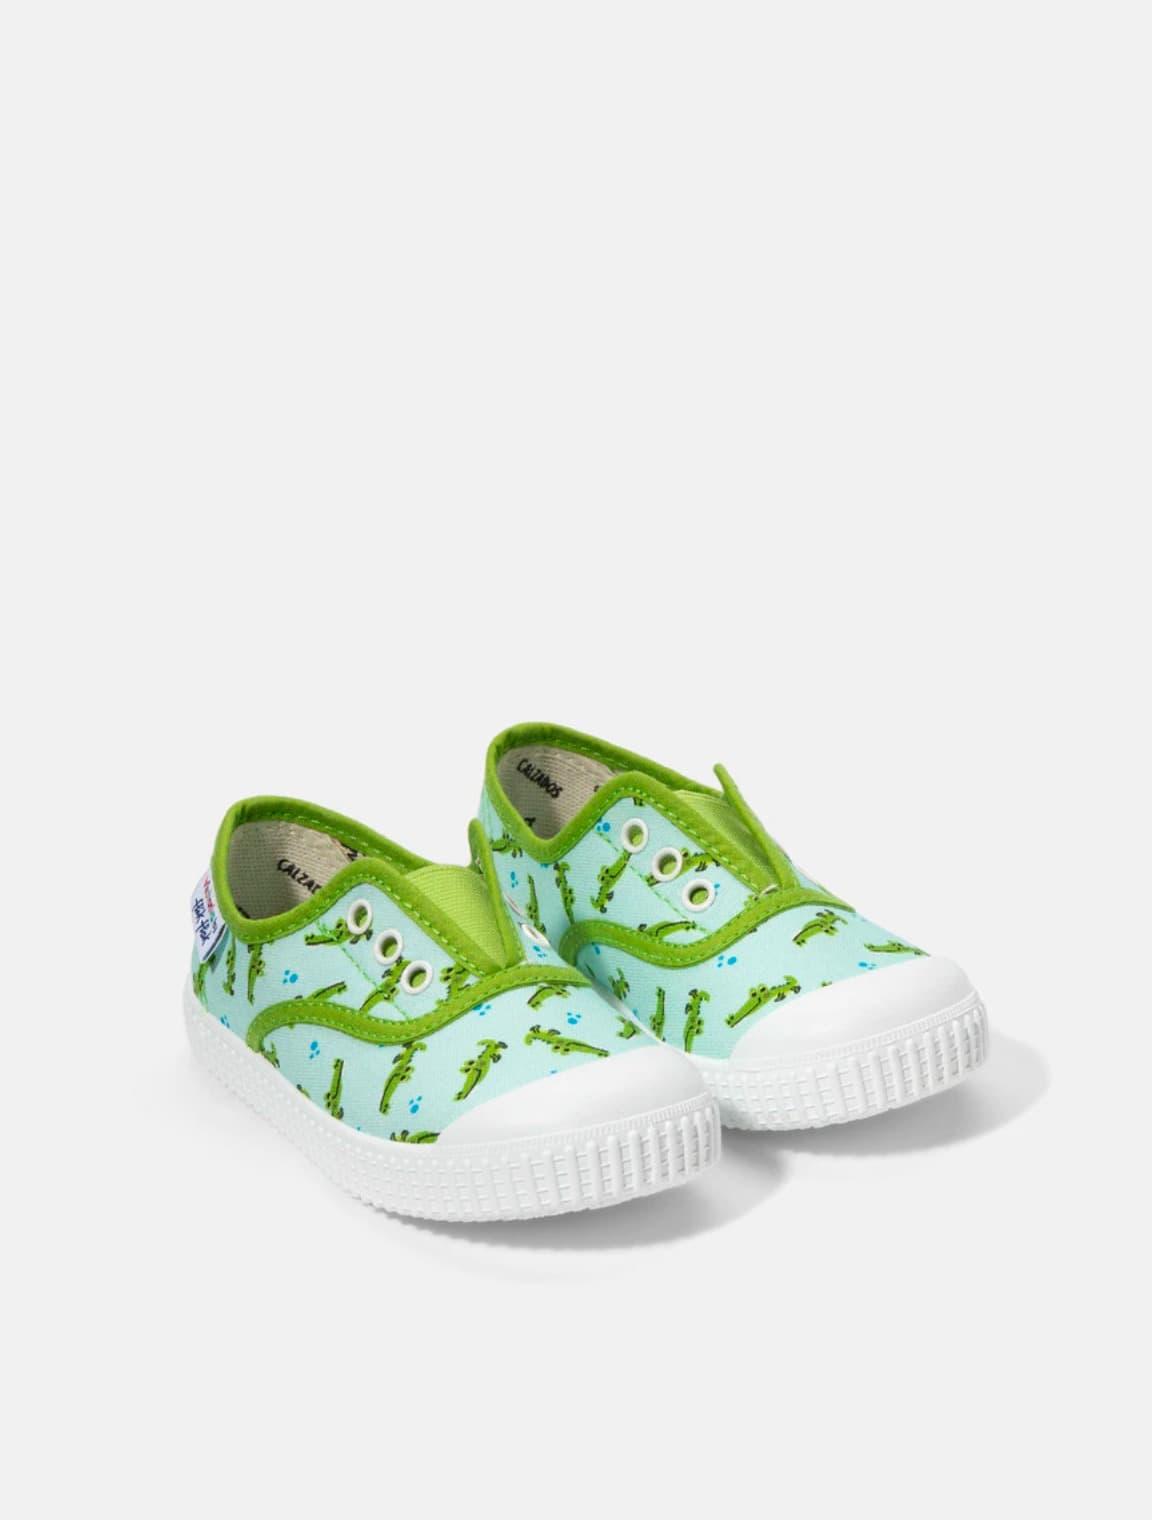 Zapatillas de lona de niño Victoria en azul con estampado cocodrilos